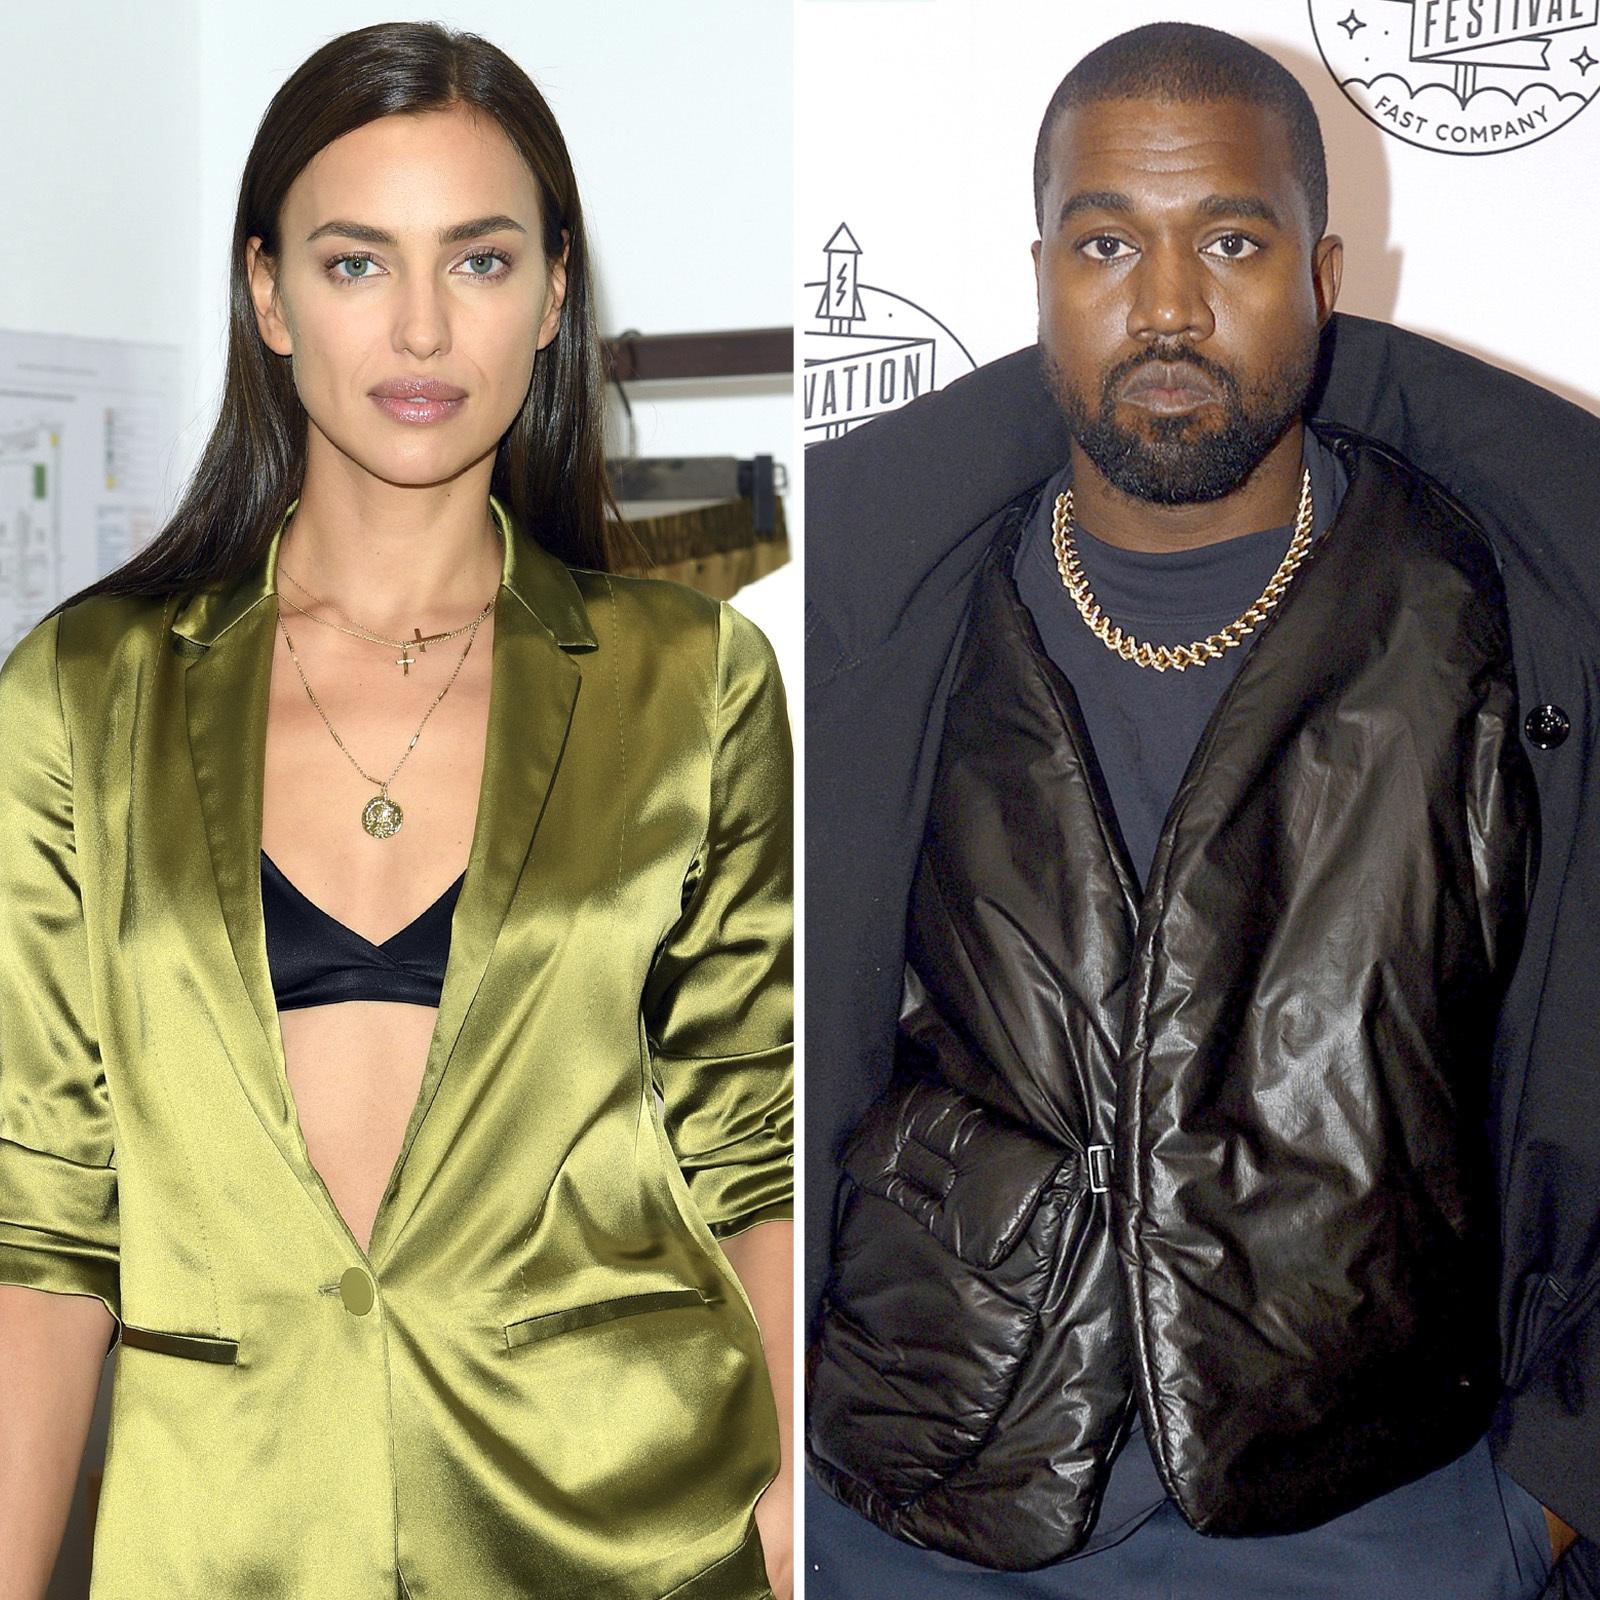 Irina Shayk and Kanye West